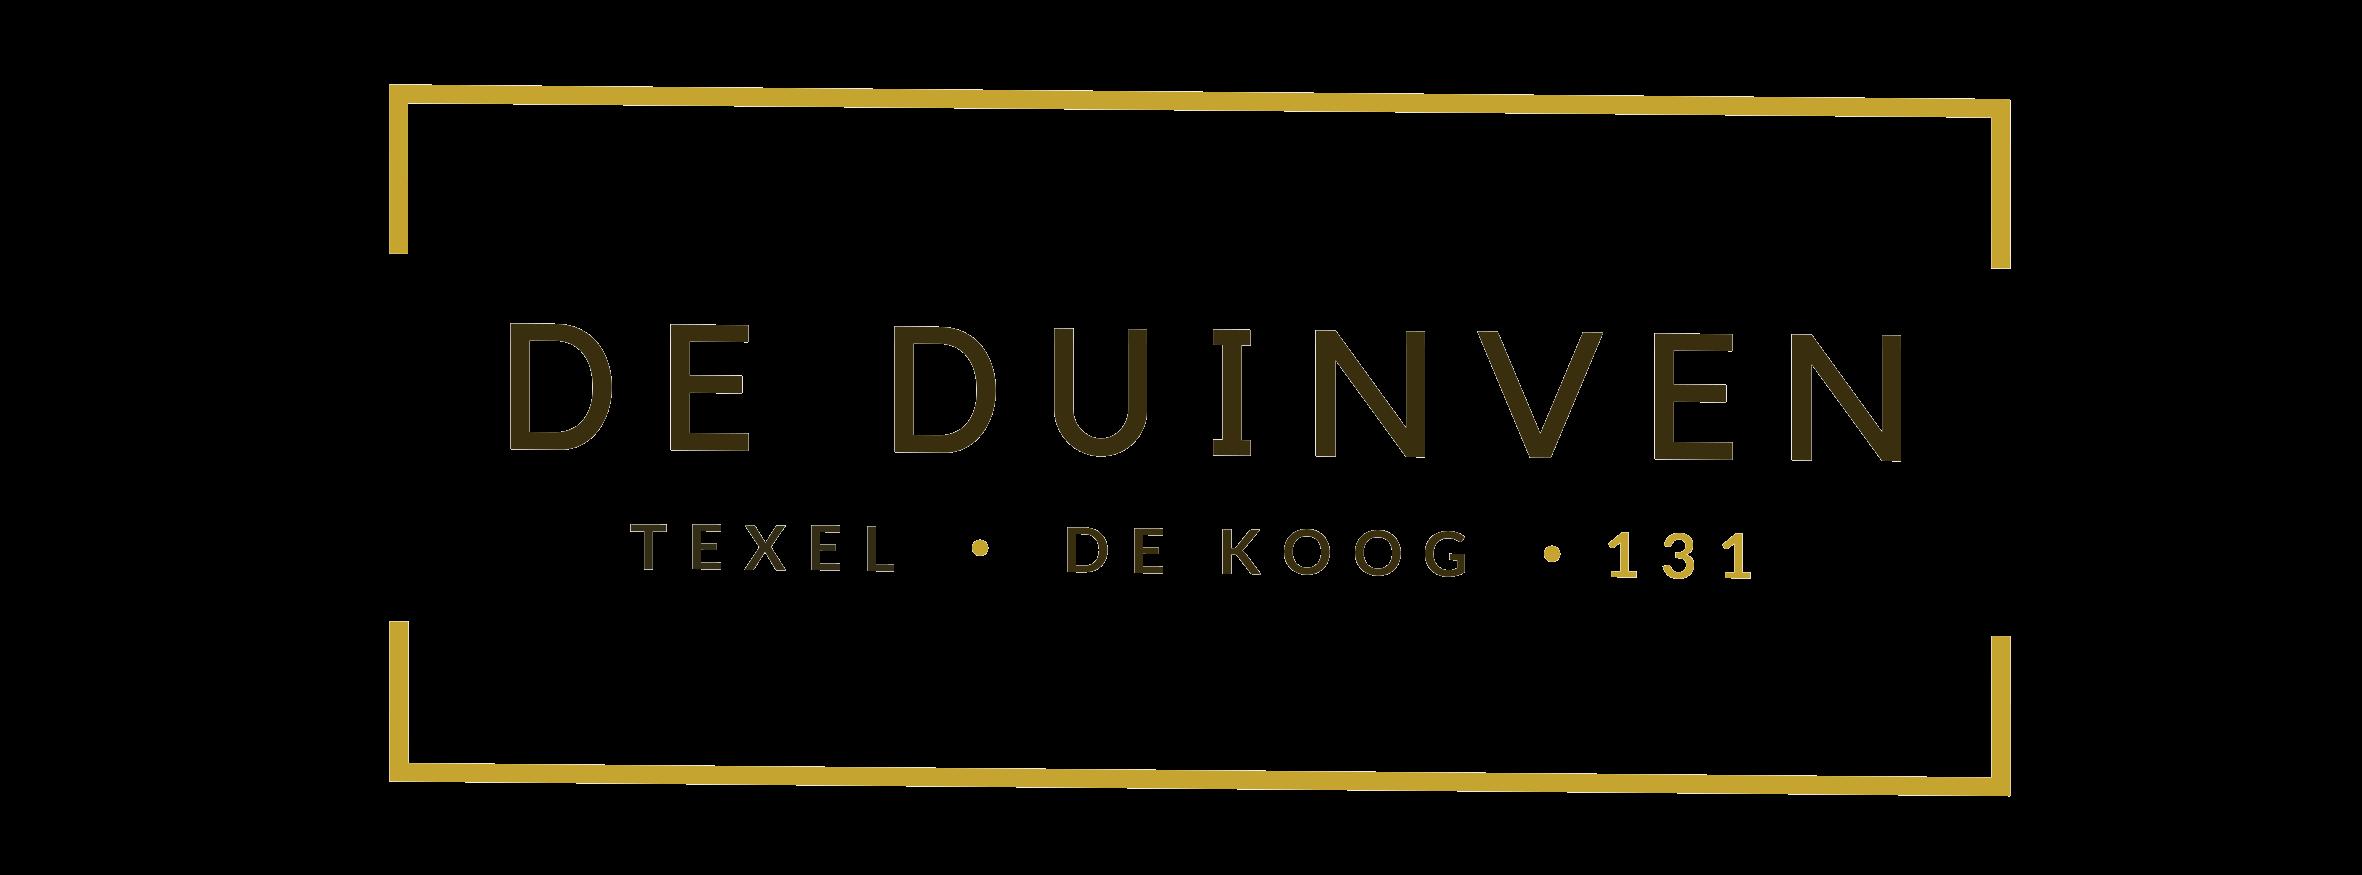 De Duinven Texel